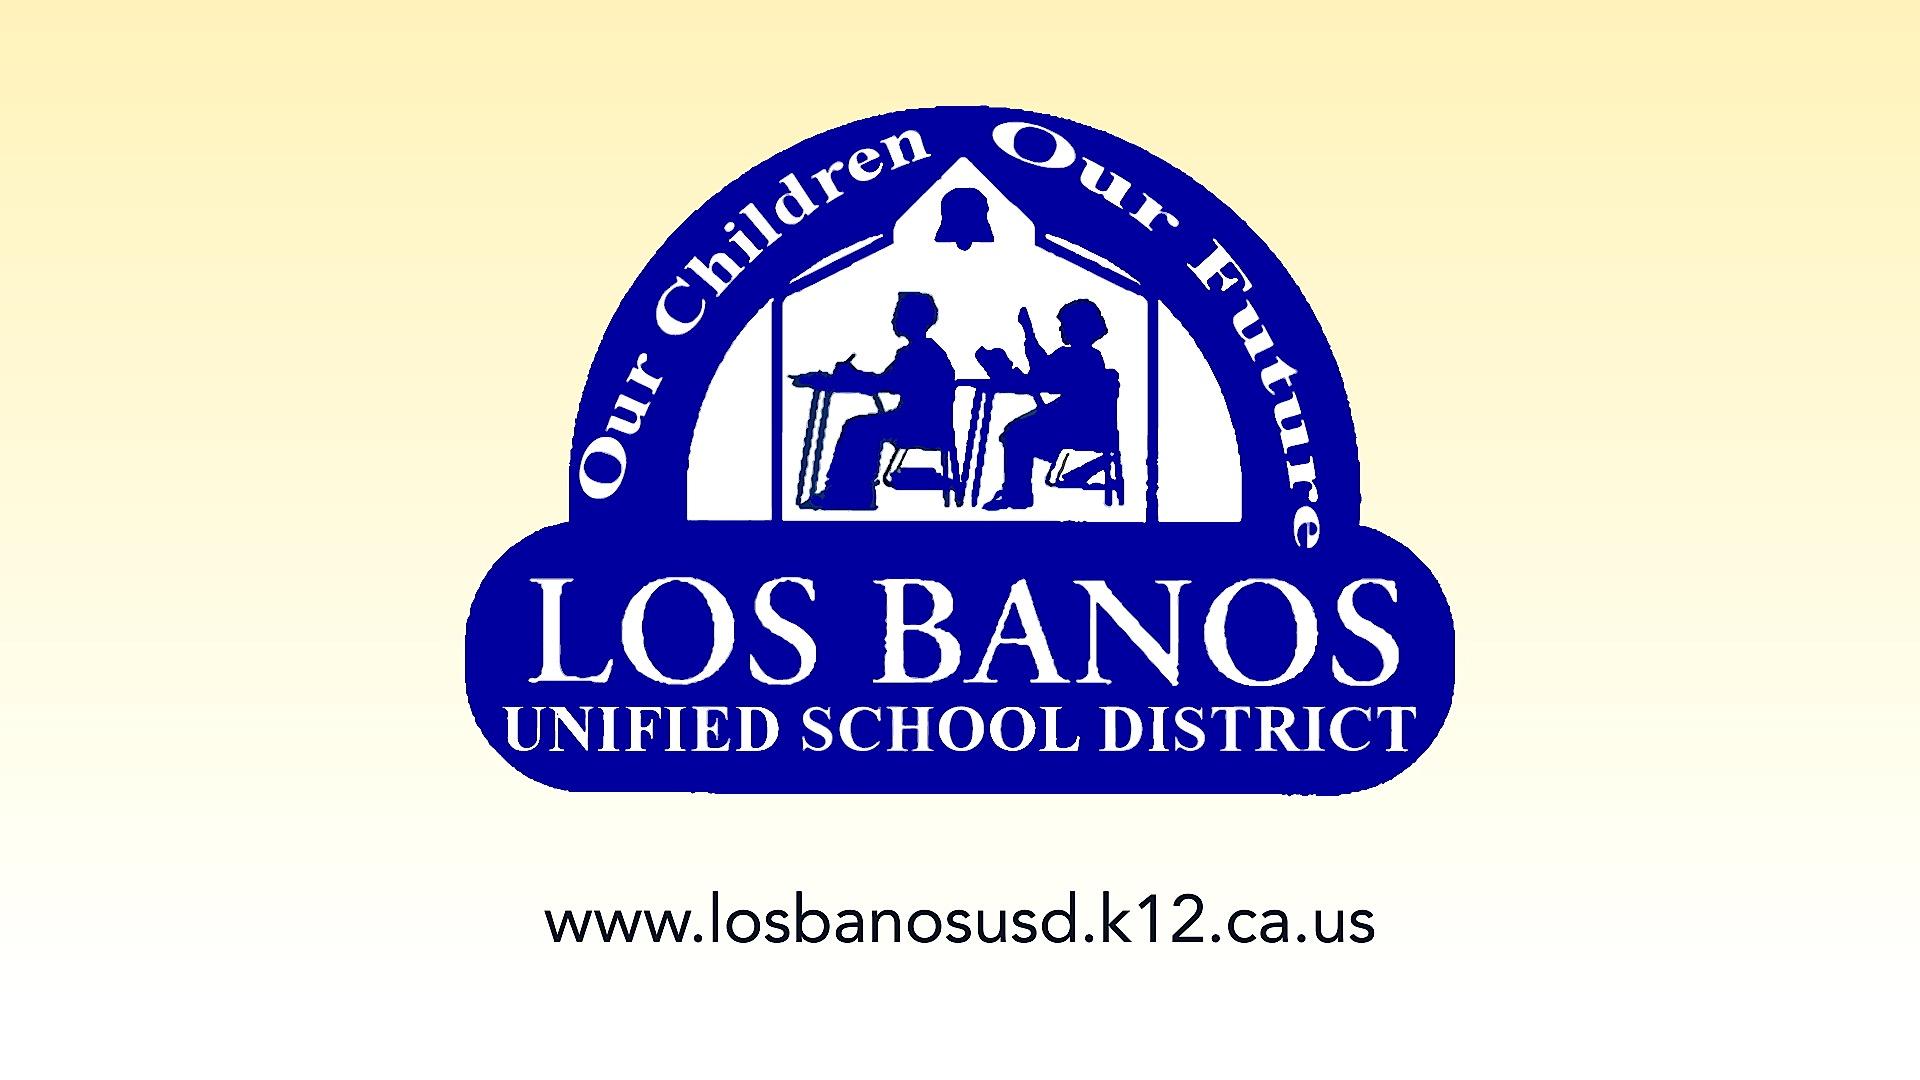 Los Banos Unified School District